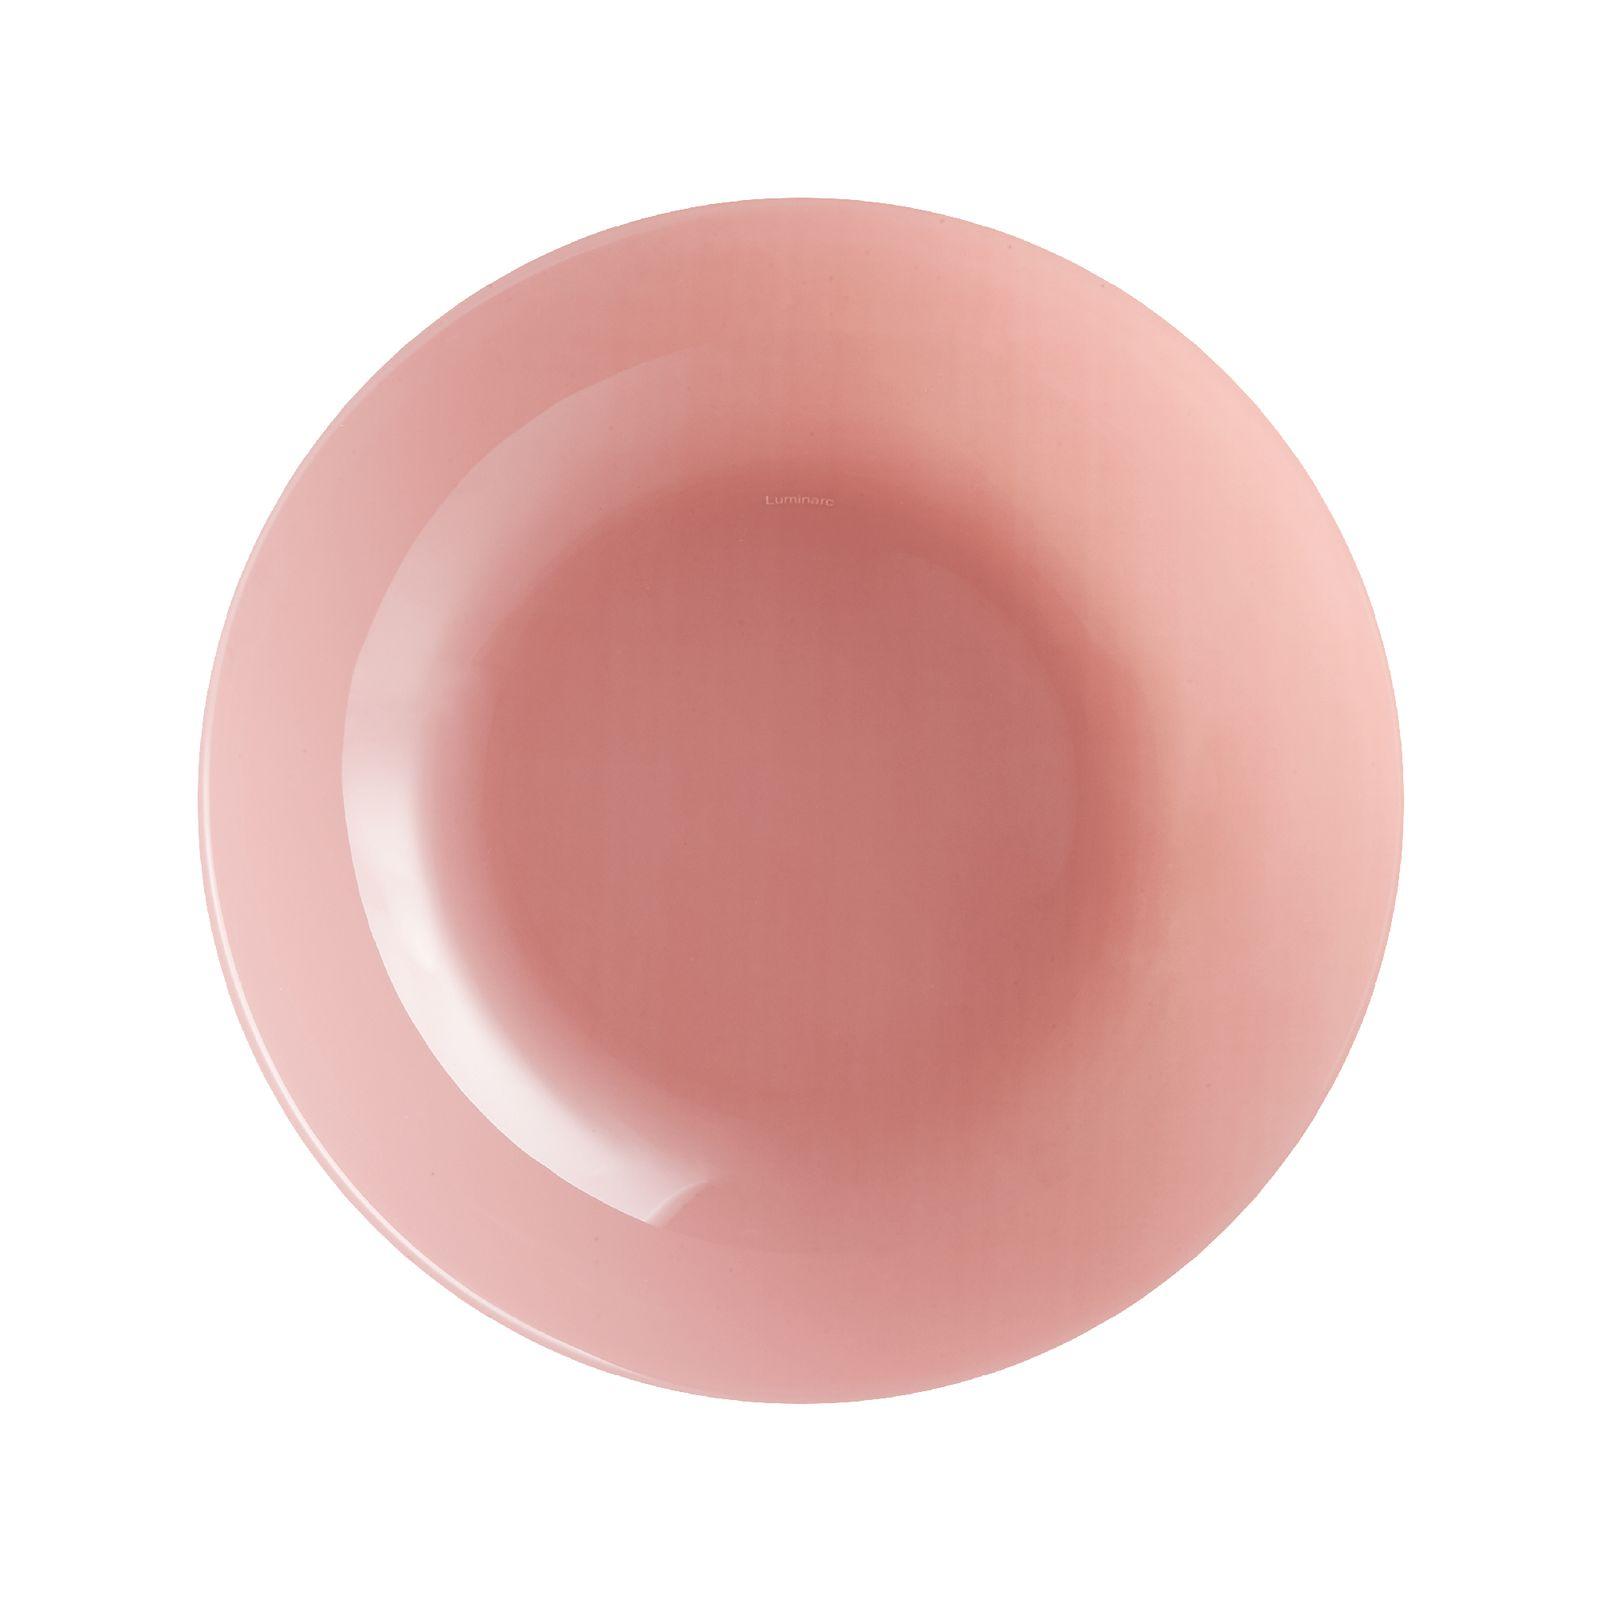 Assiette creuse Arty Blush 20 cm LUMINARC